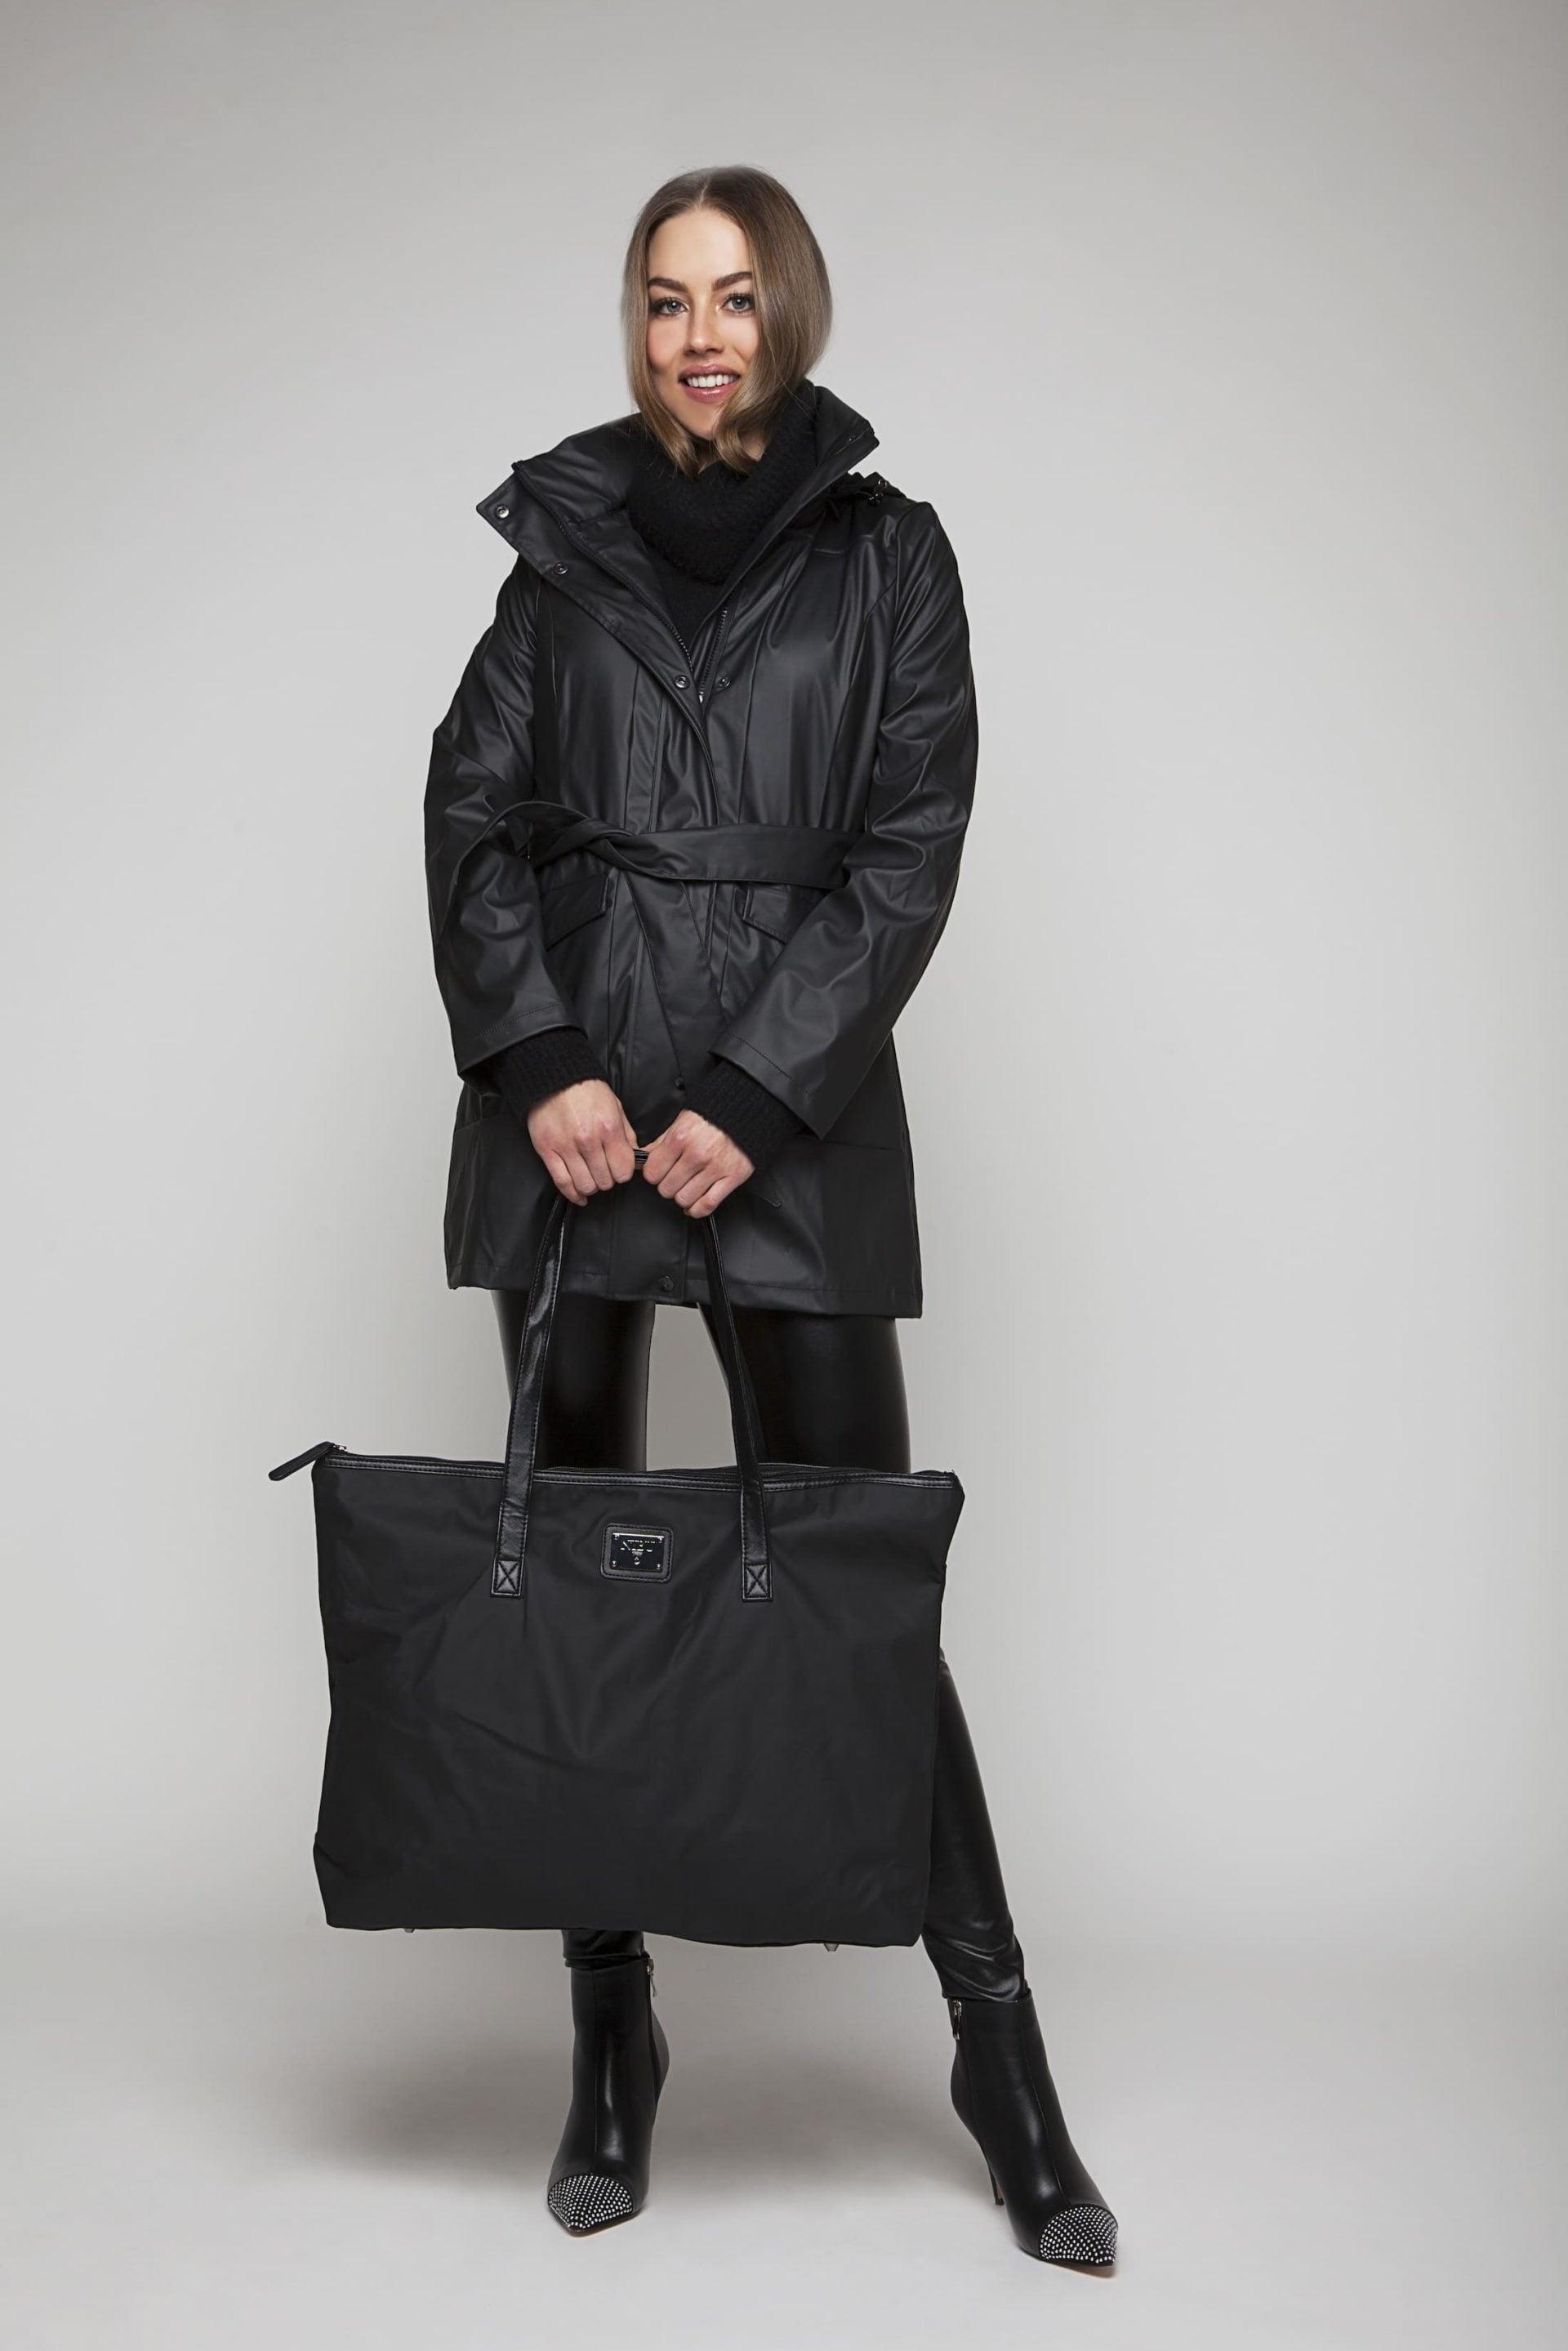 Waterproof bag in elegant design